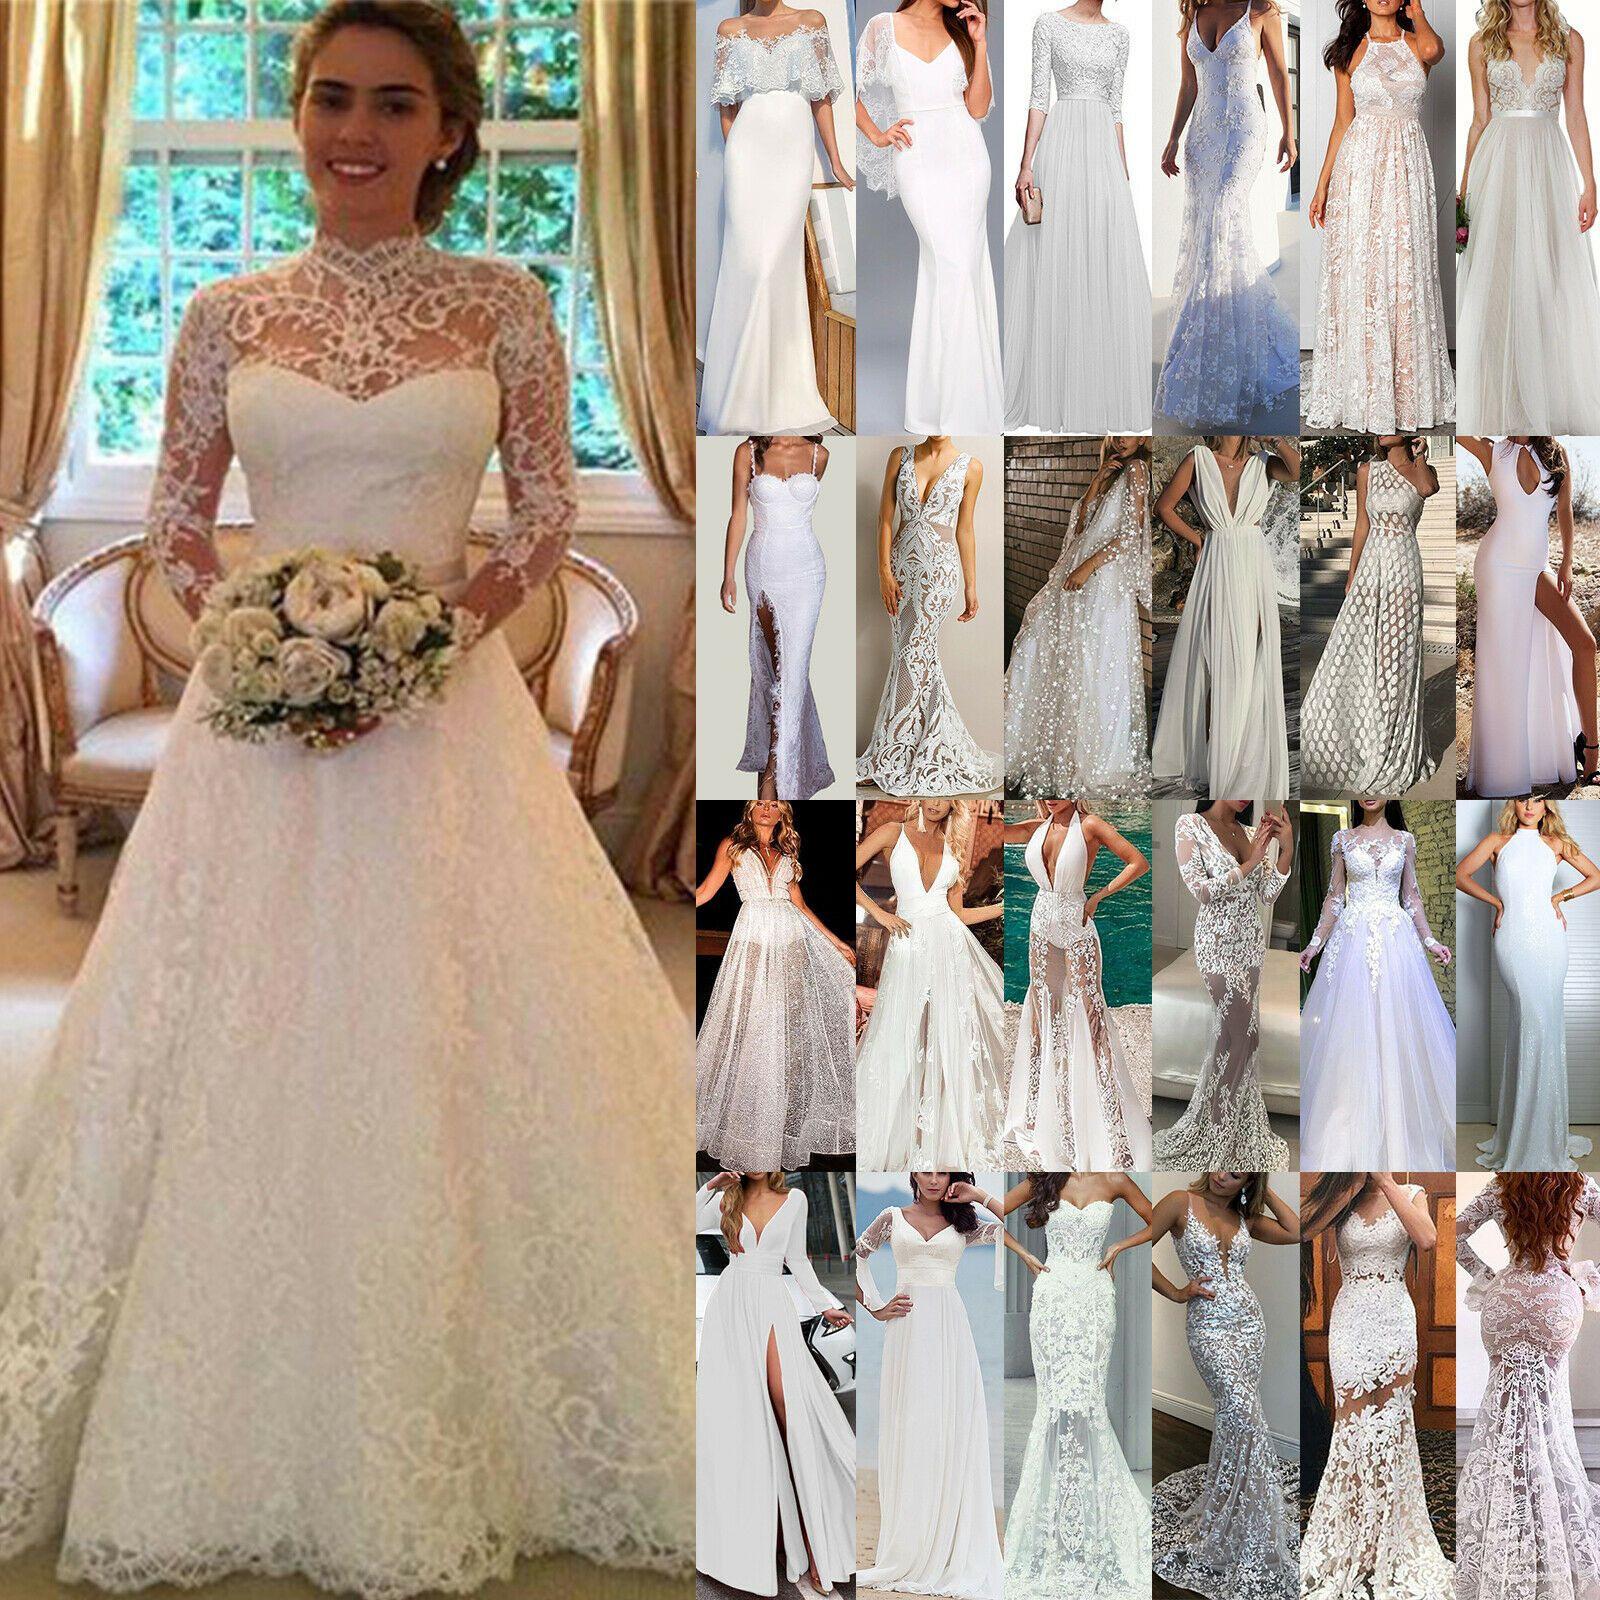 17 Genial Abendkleid Hochzeit Boutique20 Genial Abendkleid Hochzeit Ärmel